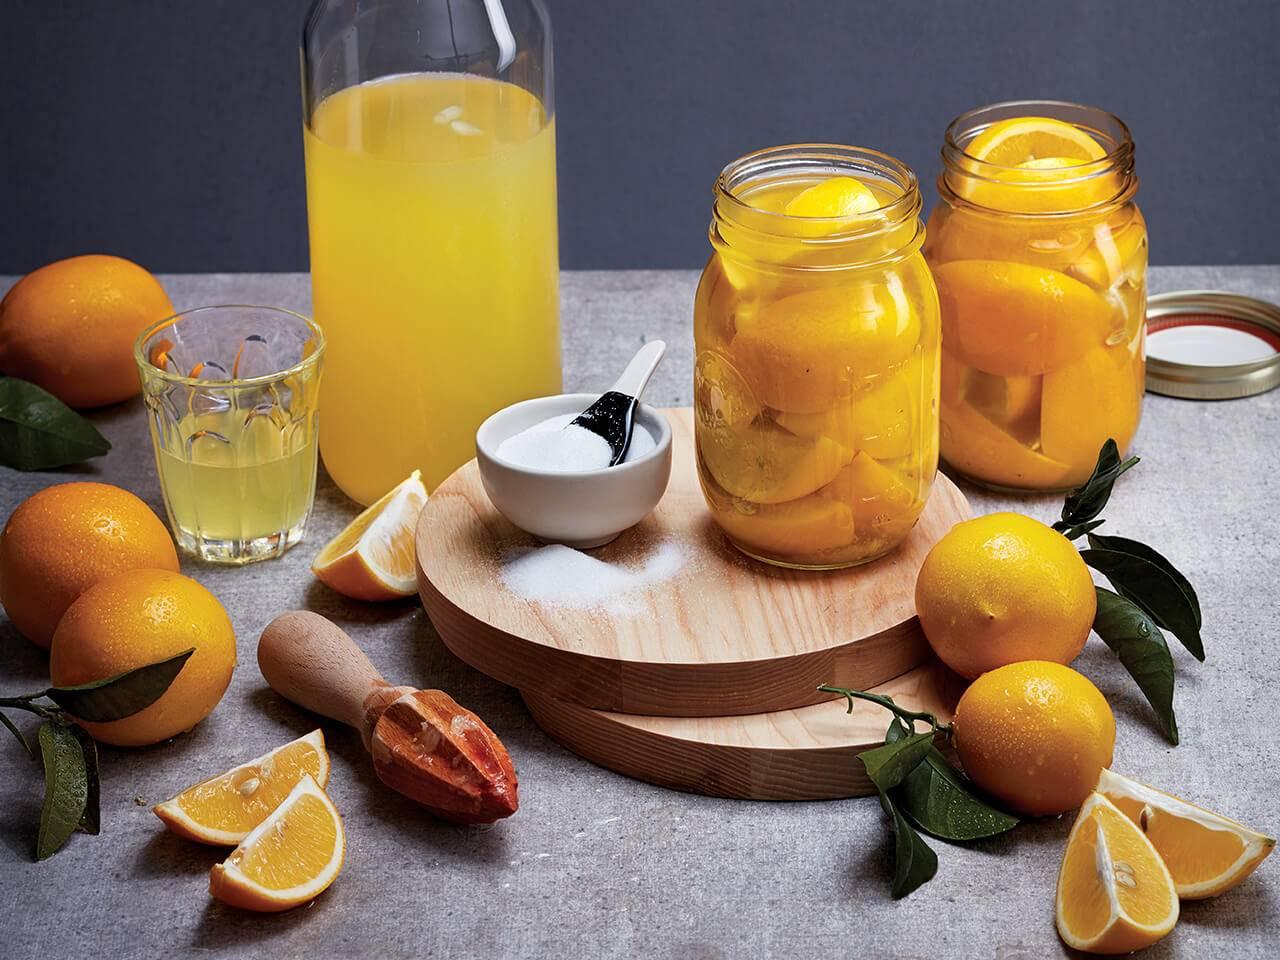 Лимончелло в домашних условиях - лучшие рецепты приготовления. как приготовить лимончелло дома